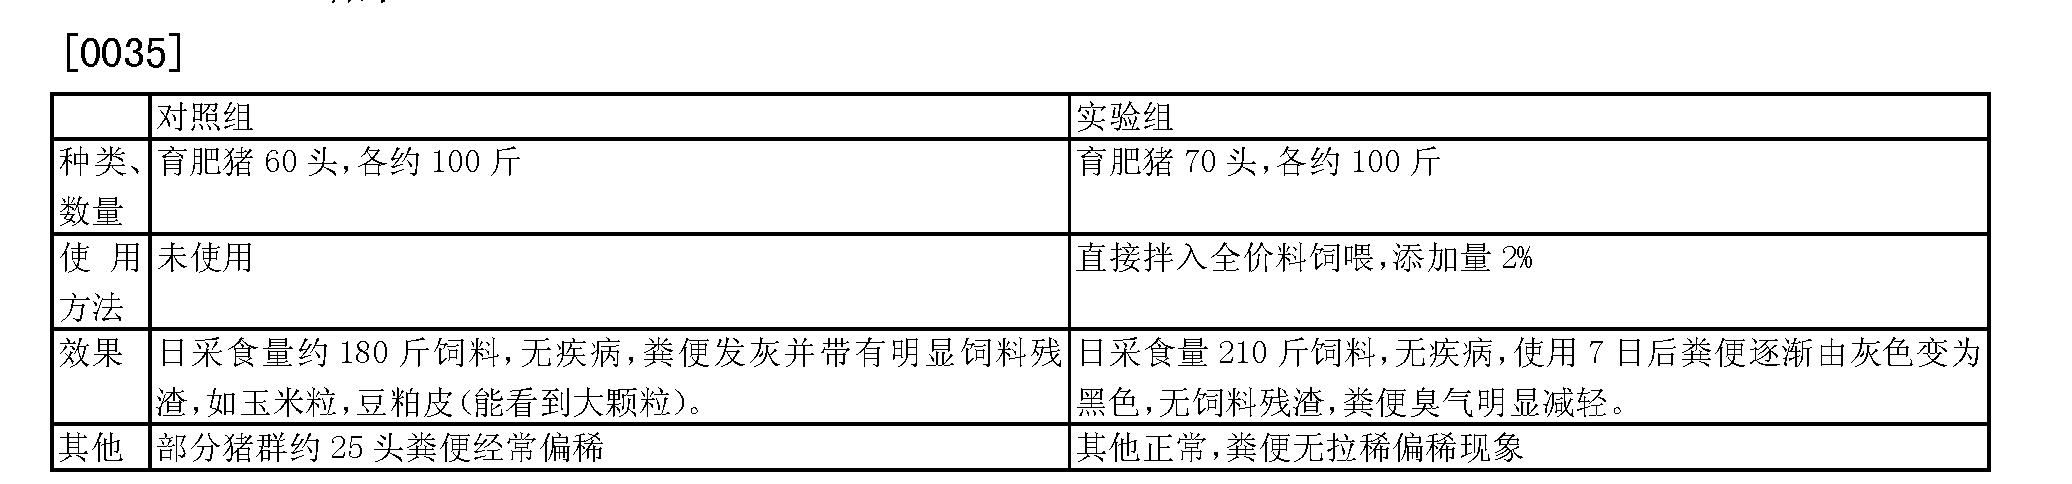 Figure CN103190535BD00051